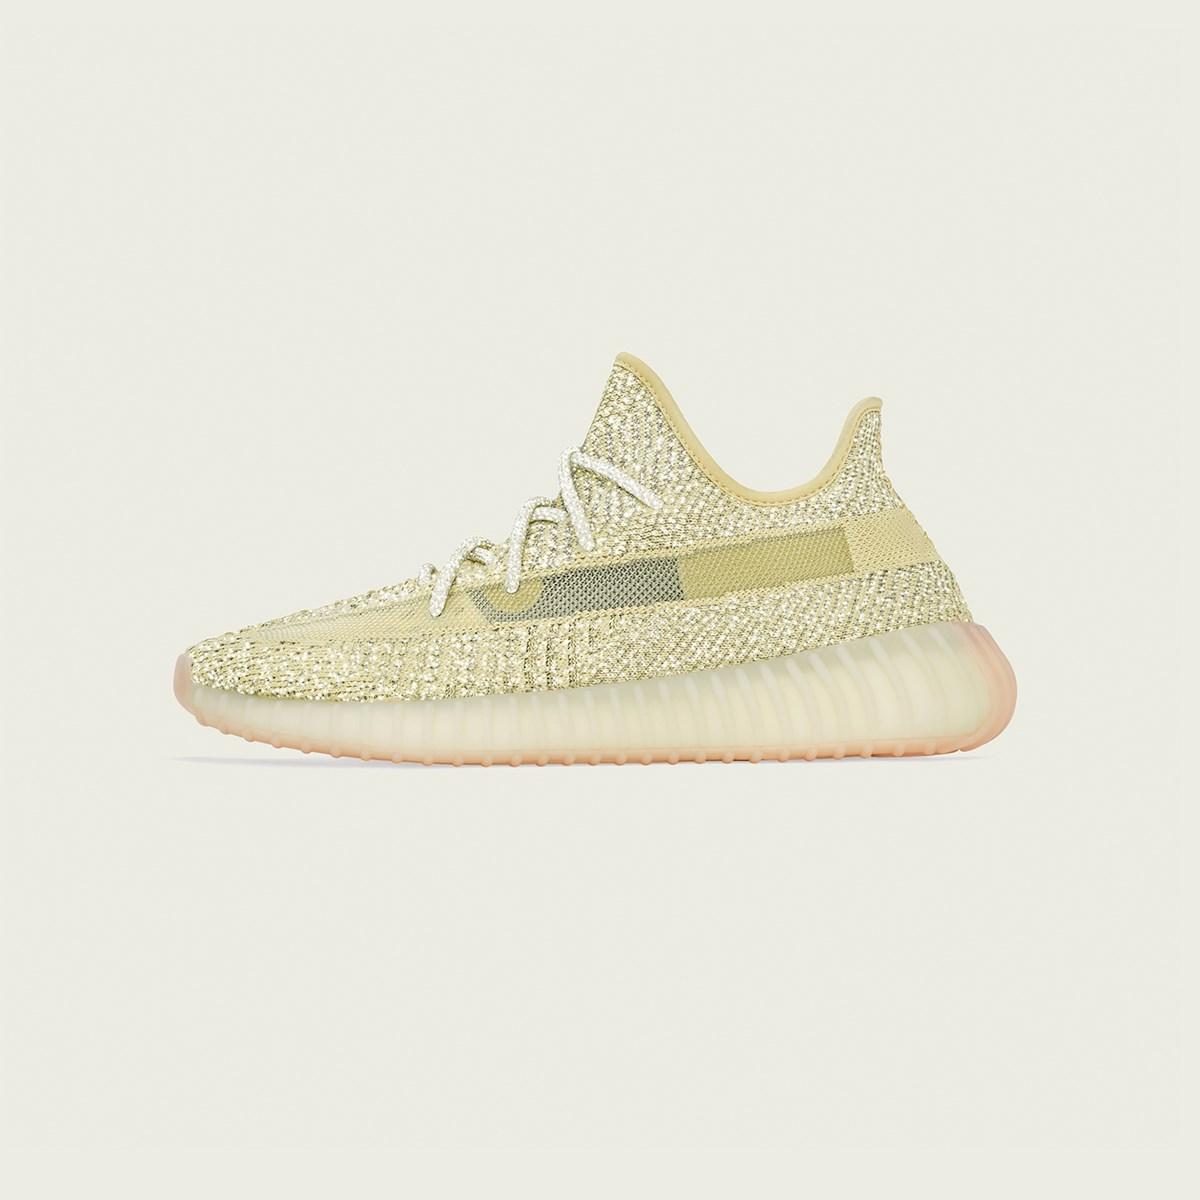 adidas Yeezy Boost 350 V2 Fv3255 Sneakersnstuff I Sneakers & Streetwear online seit 1999